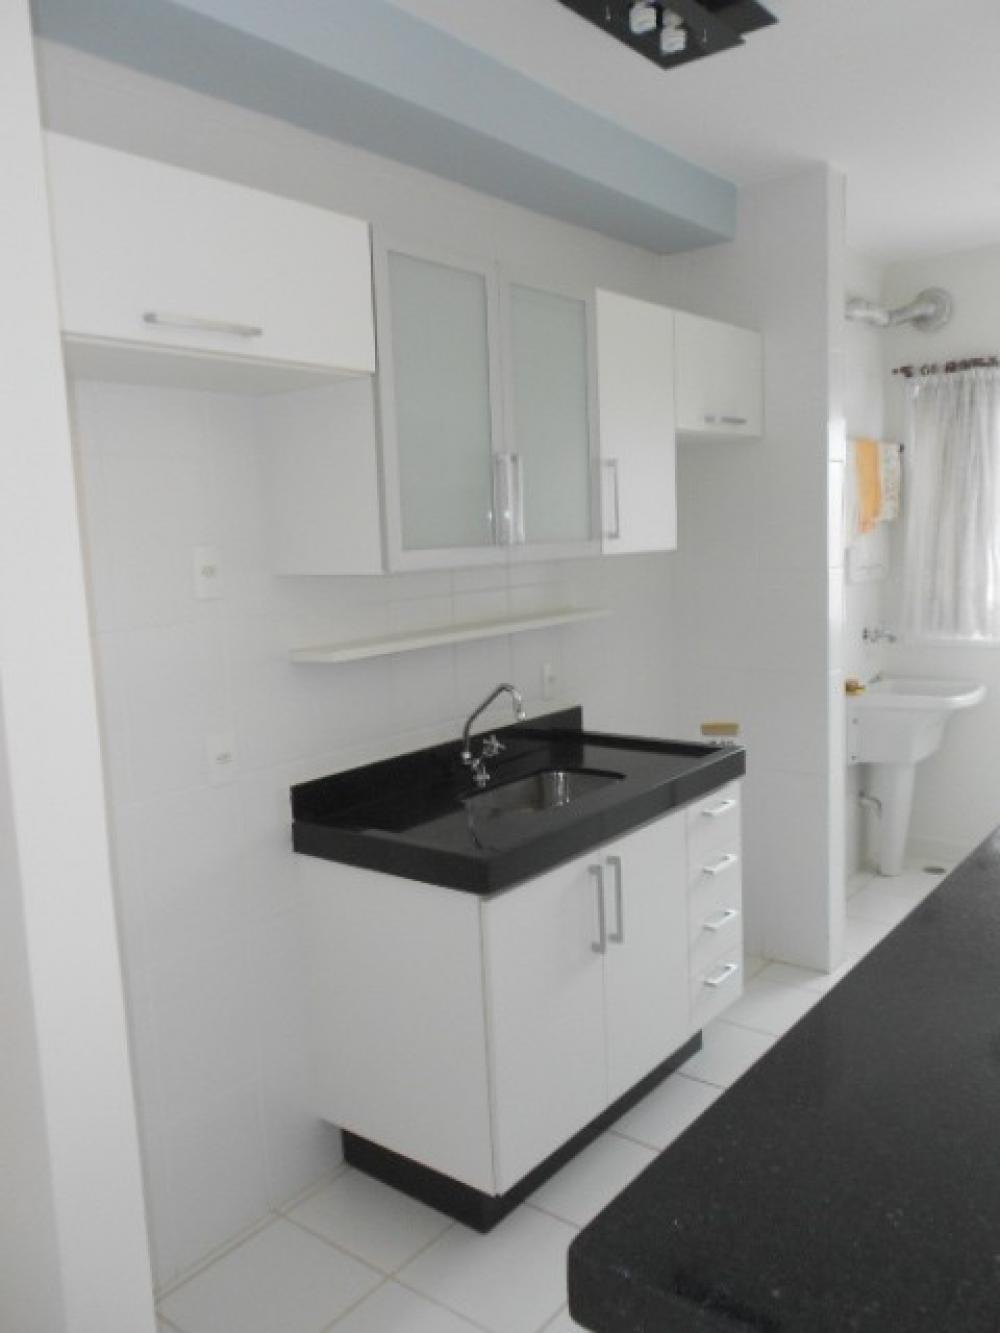 Comprar Apartamento / Padrão em Ribeirão Preto apenas R$ 370.000,00 - Foto 1